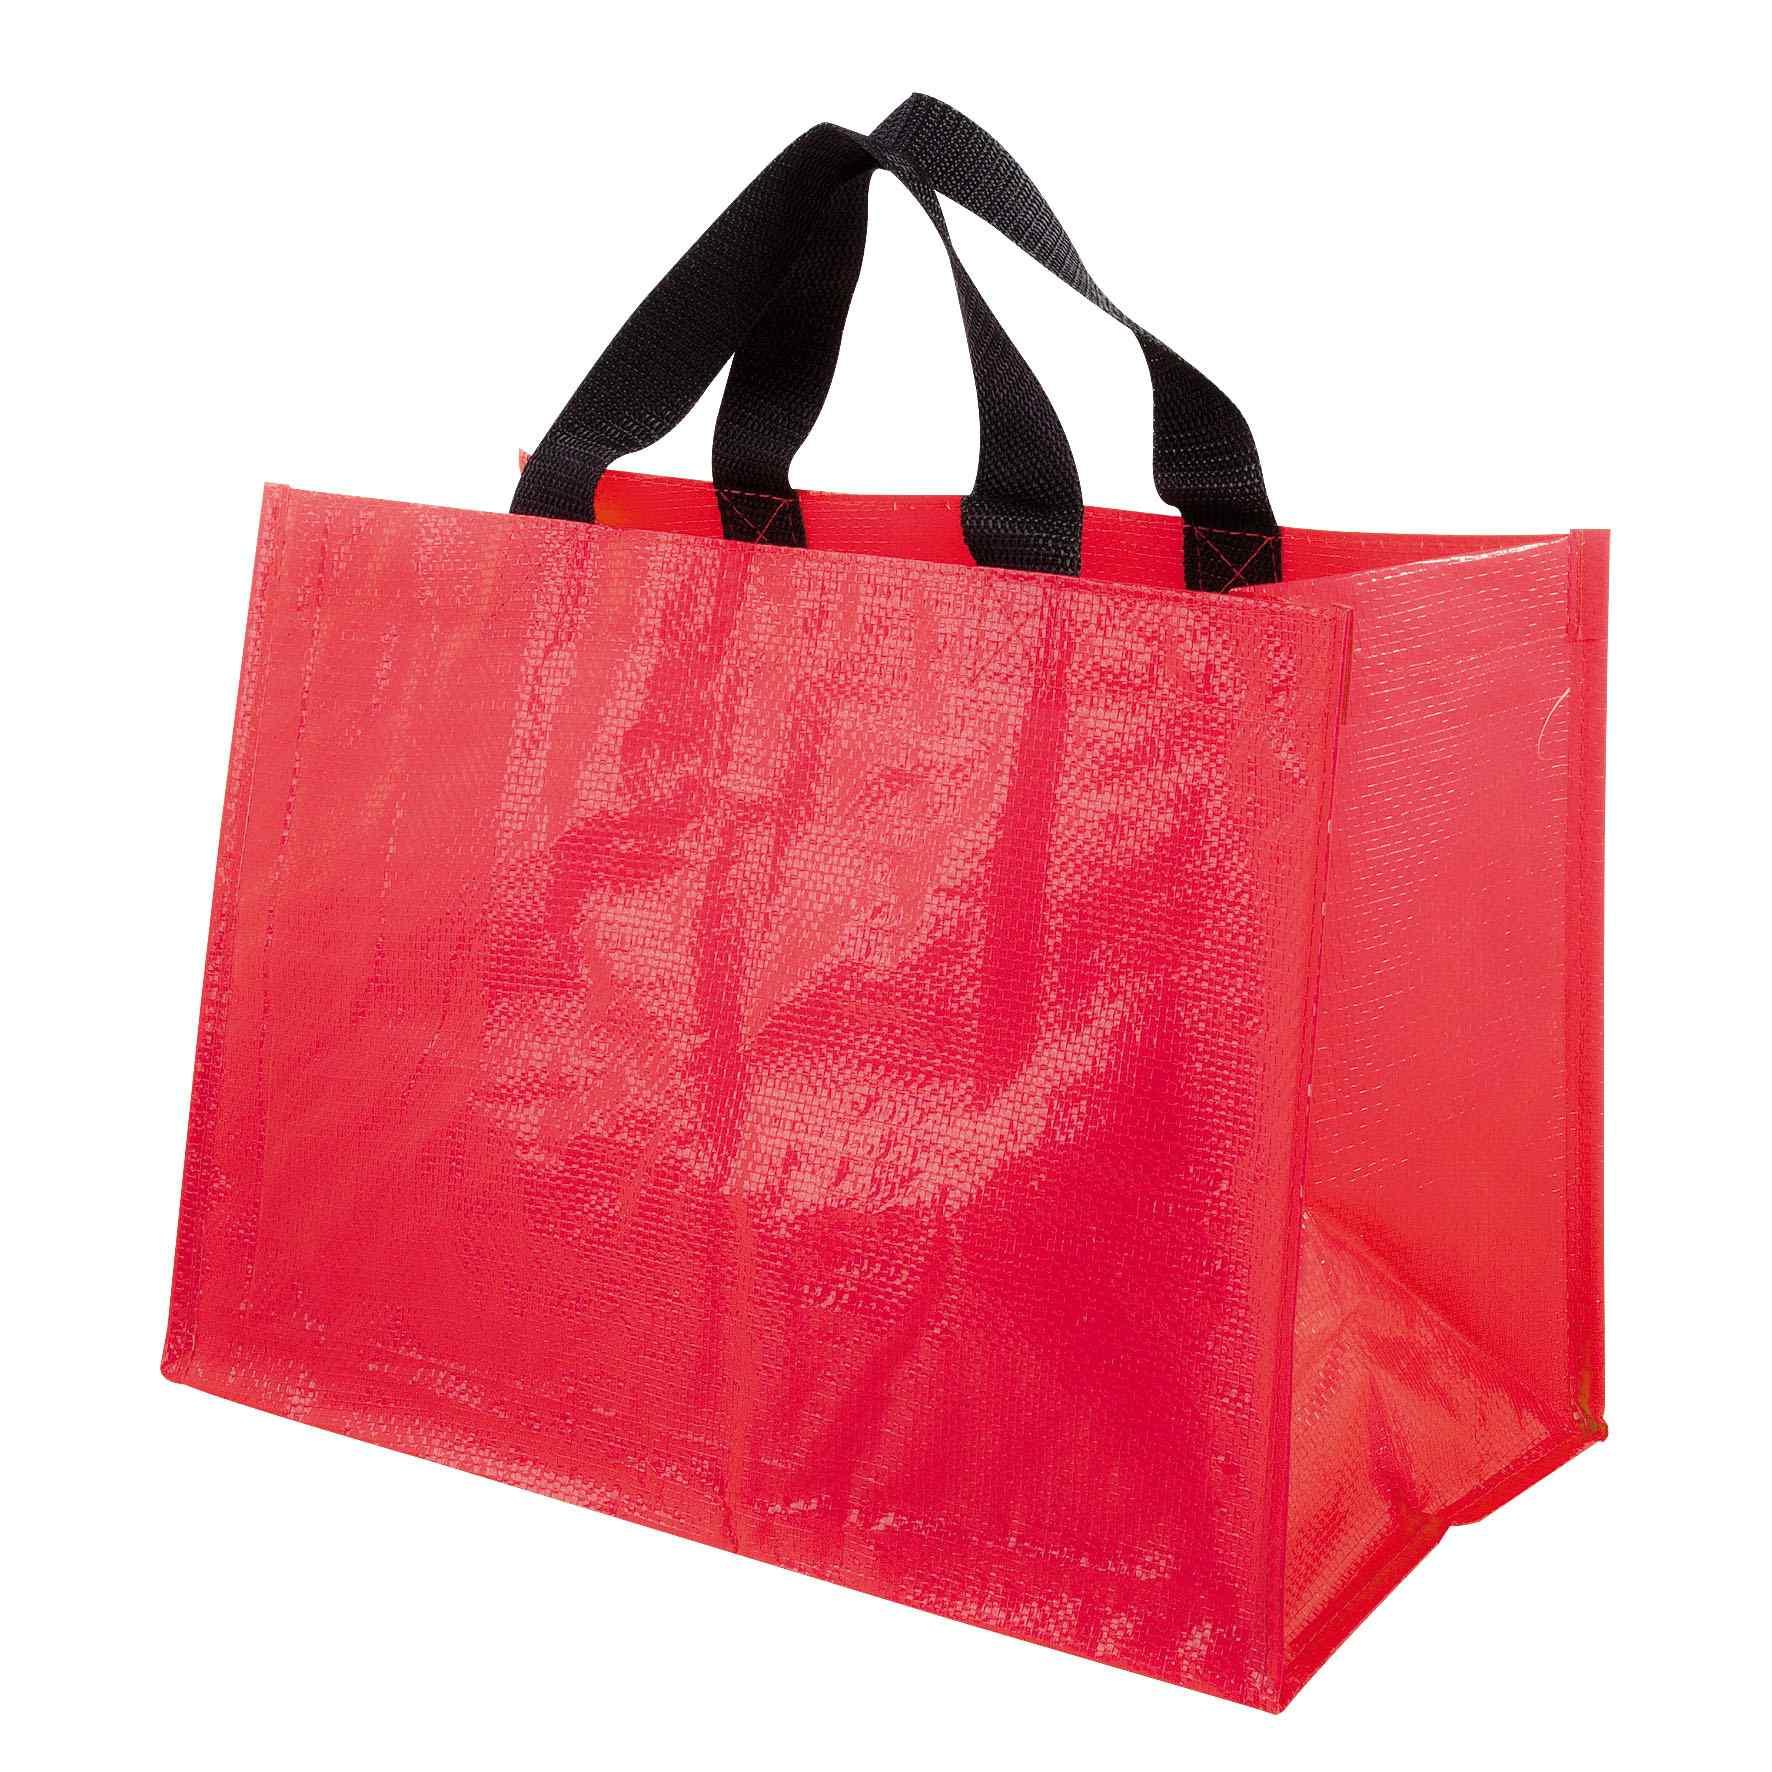 Sac shopping publicitaire PP tissé Horizon - Cadeau publicitaire - rouge